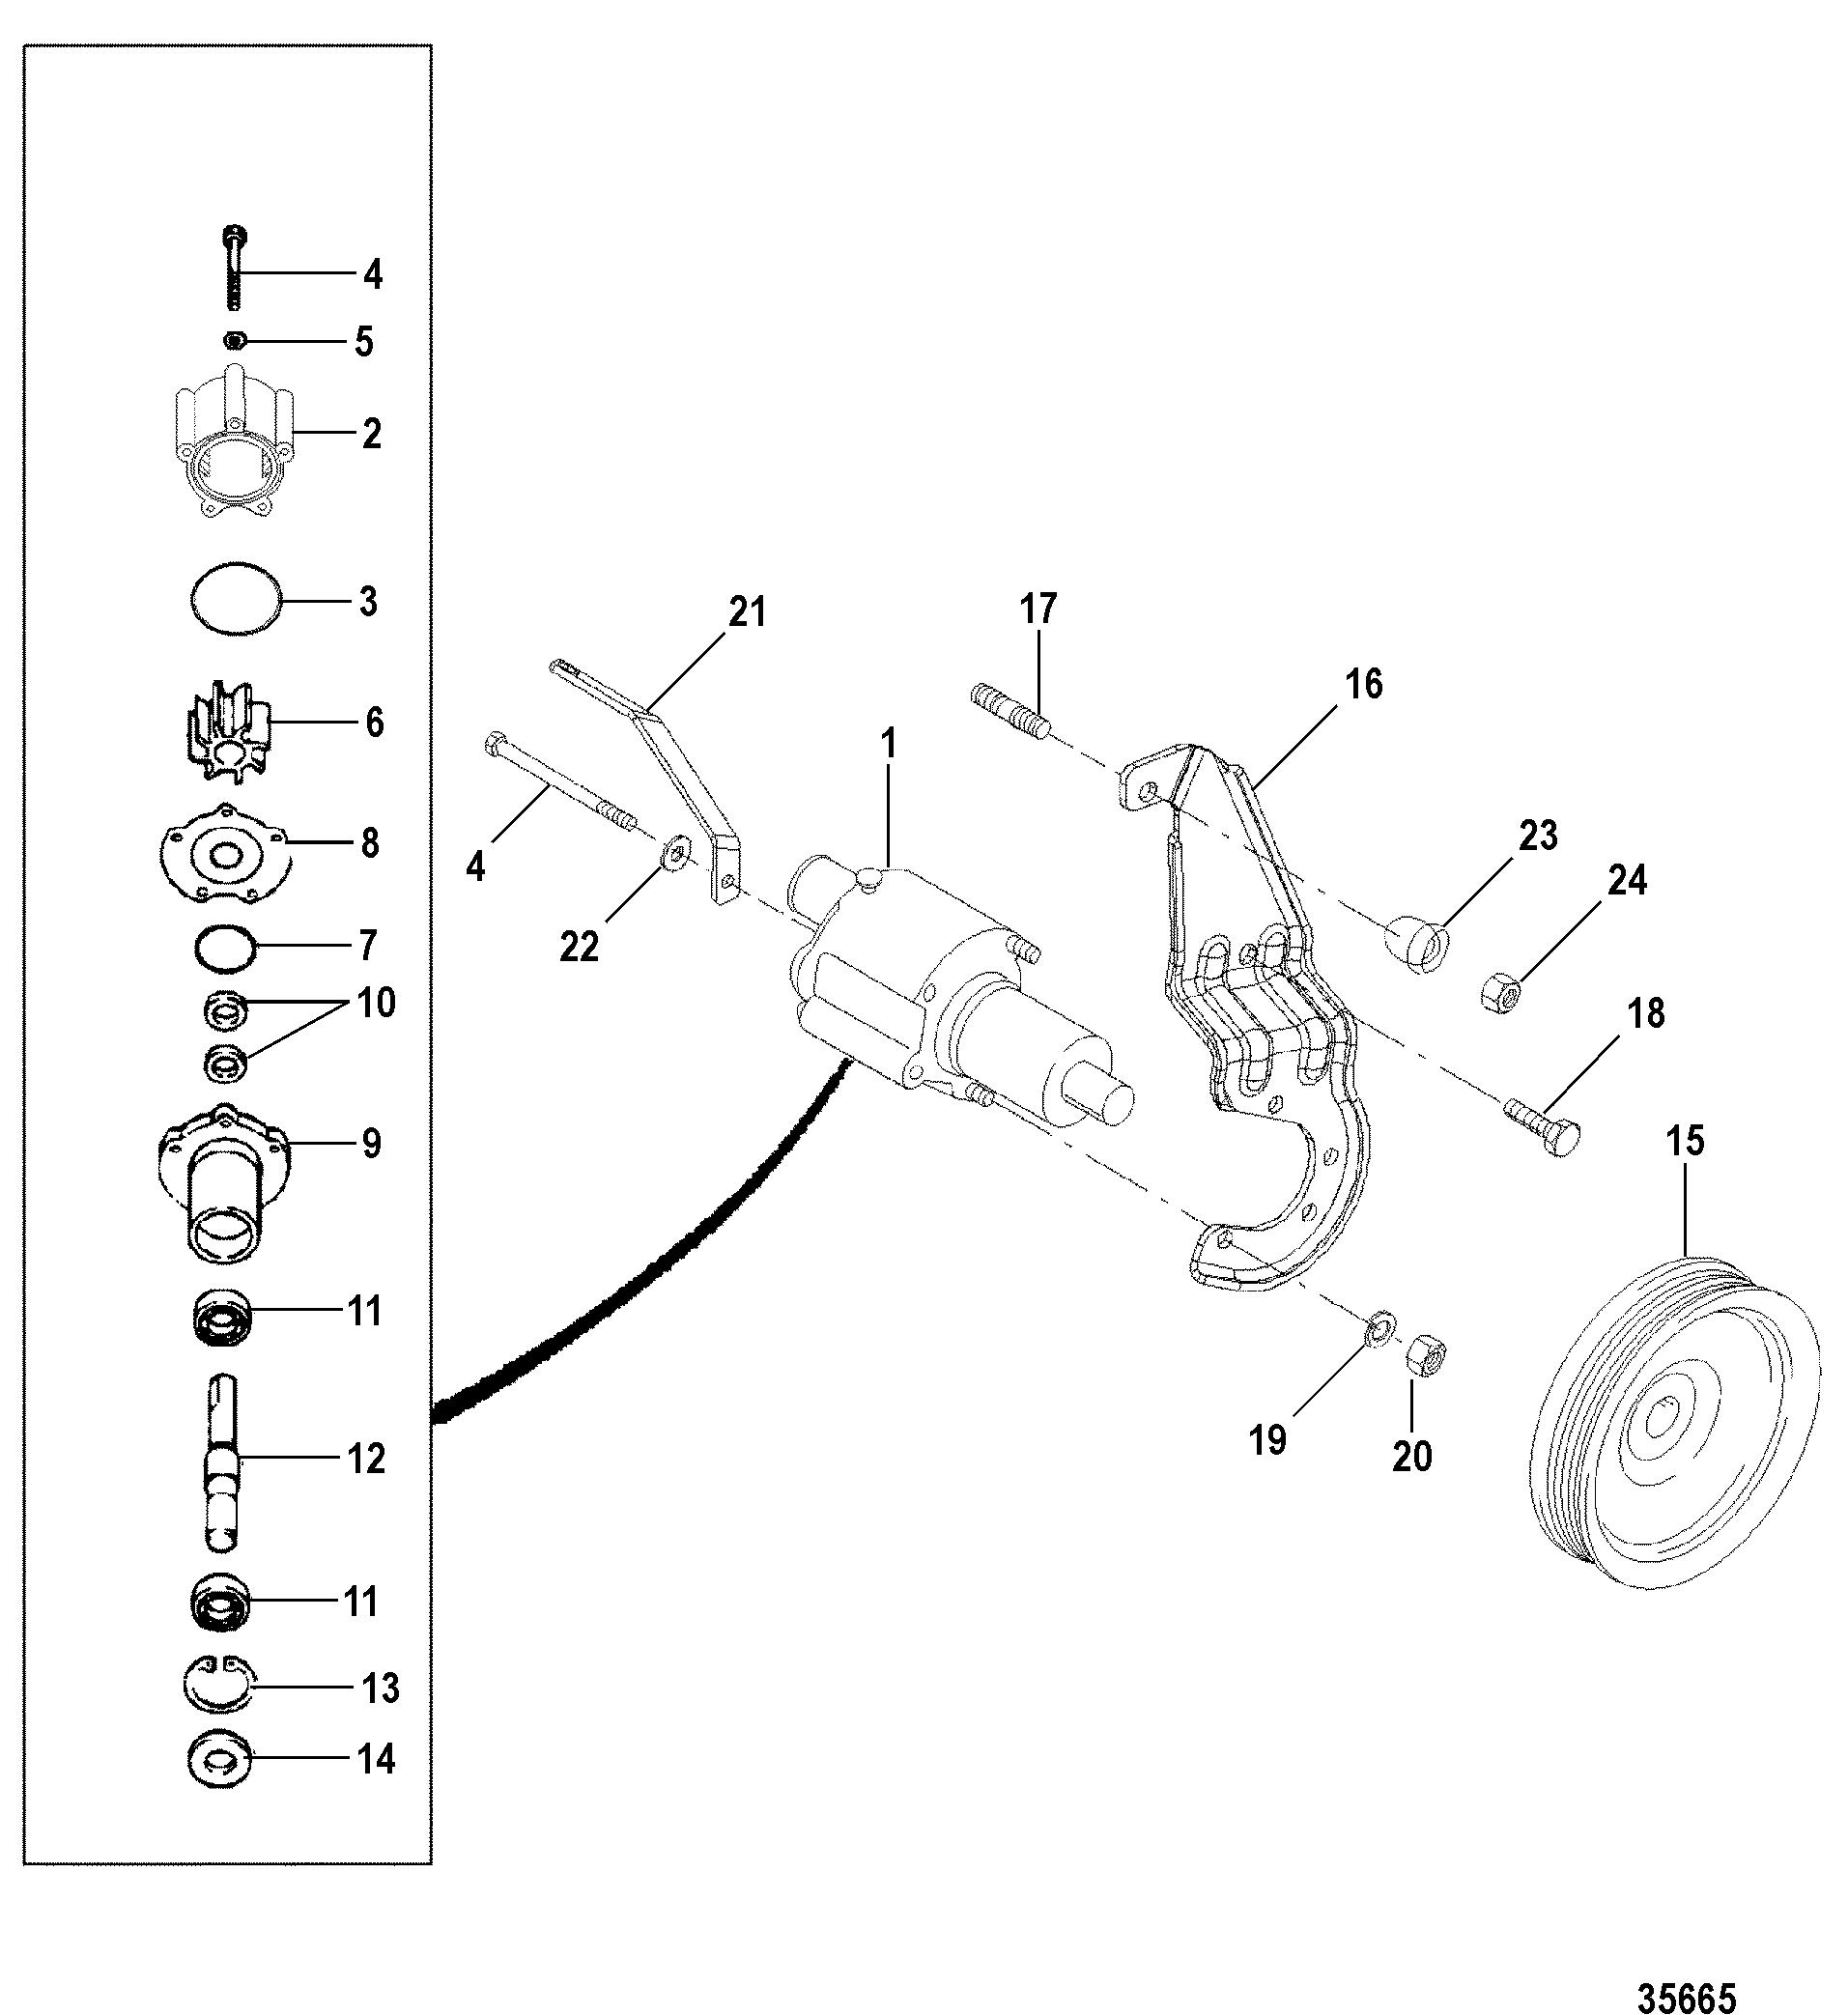 mercruiser water pump diagram 2003 silverado bose radio wiring sea for 7 4l mpi bravo l29 gen vi